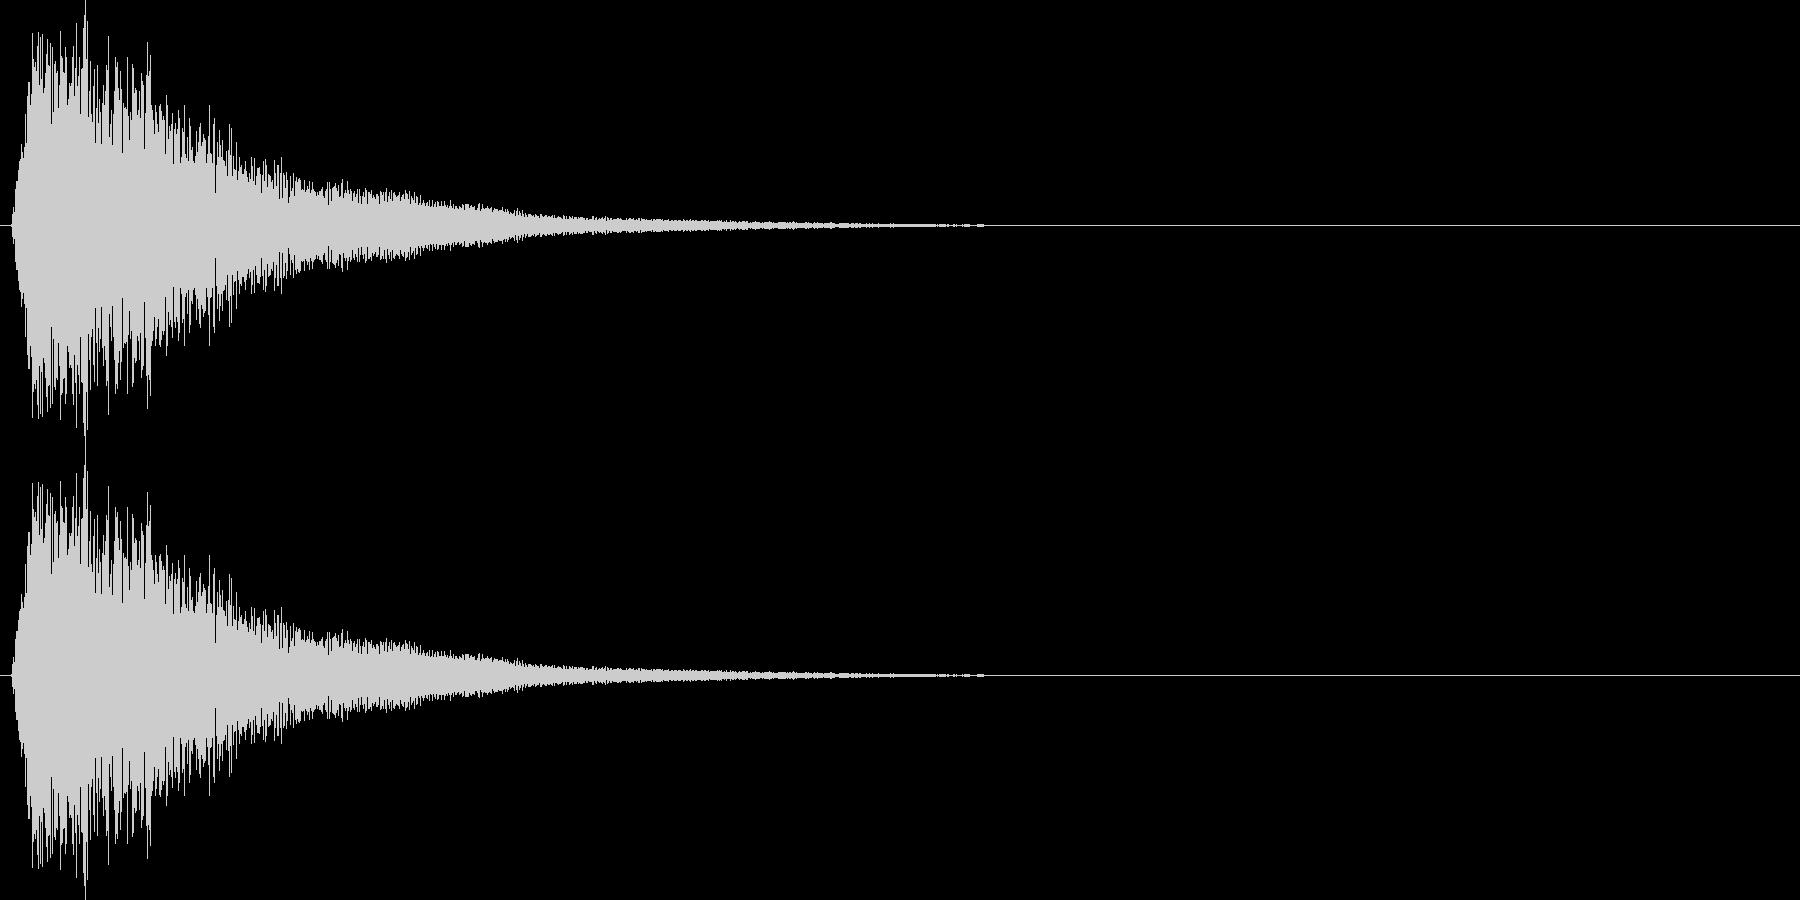 フライパン叩く音の未再生の波形